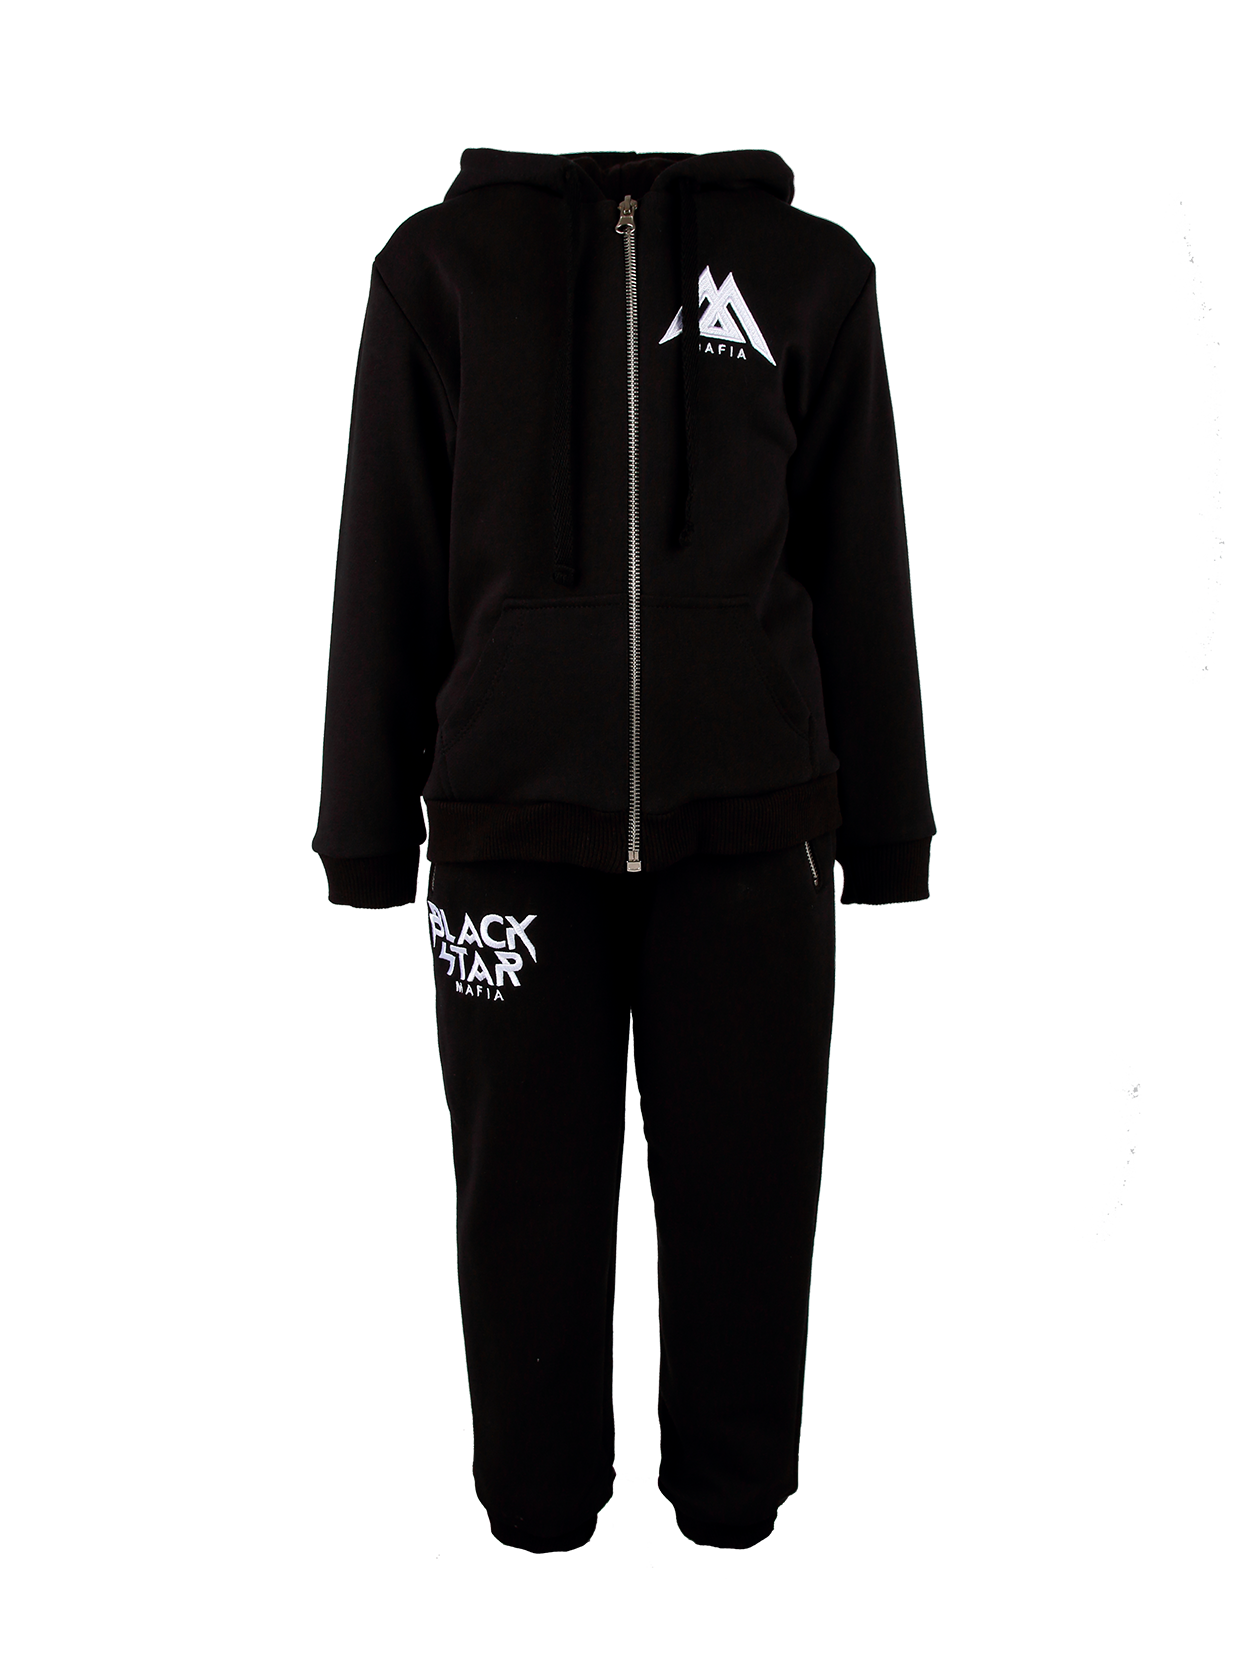 Kids suit Black Star MafiaСтильный спортивный костюм с вышивкой и надписью спереди и на спине в стилистике бренда Black Star – практичное решение для активных детей. Верх представлен толстовкой на молнии, с капюшоном и большими карманами спереди. Брюки с припуском и боковыми карманами заужены к низу. Модель изготовлена из высококачественного хлопка со смесью полиэстера для эластичности изделия.<br><br>size: 1-2 years<br>color: Black<br>gender: unisex